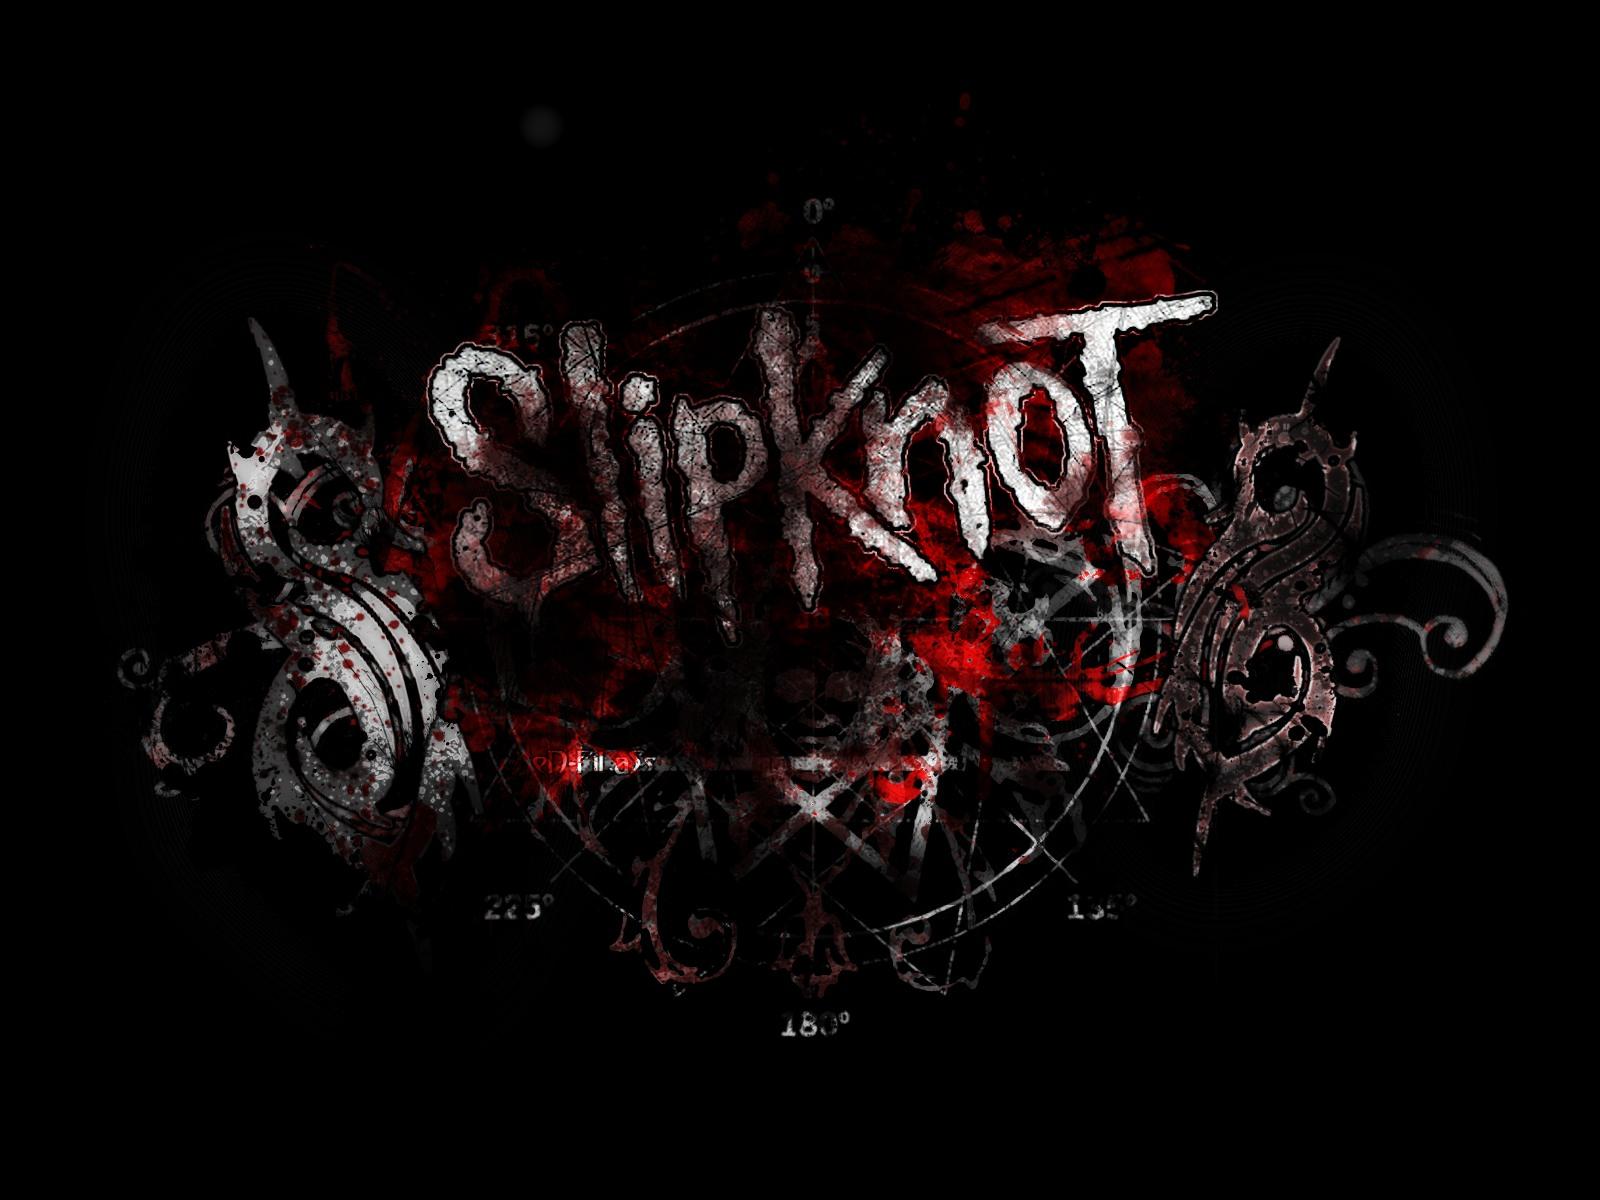 Обои группы slipknot на рабочий стол